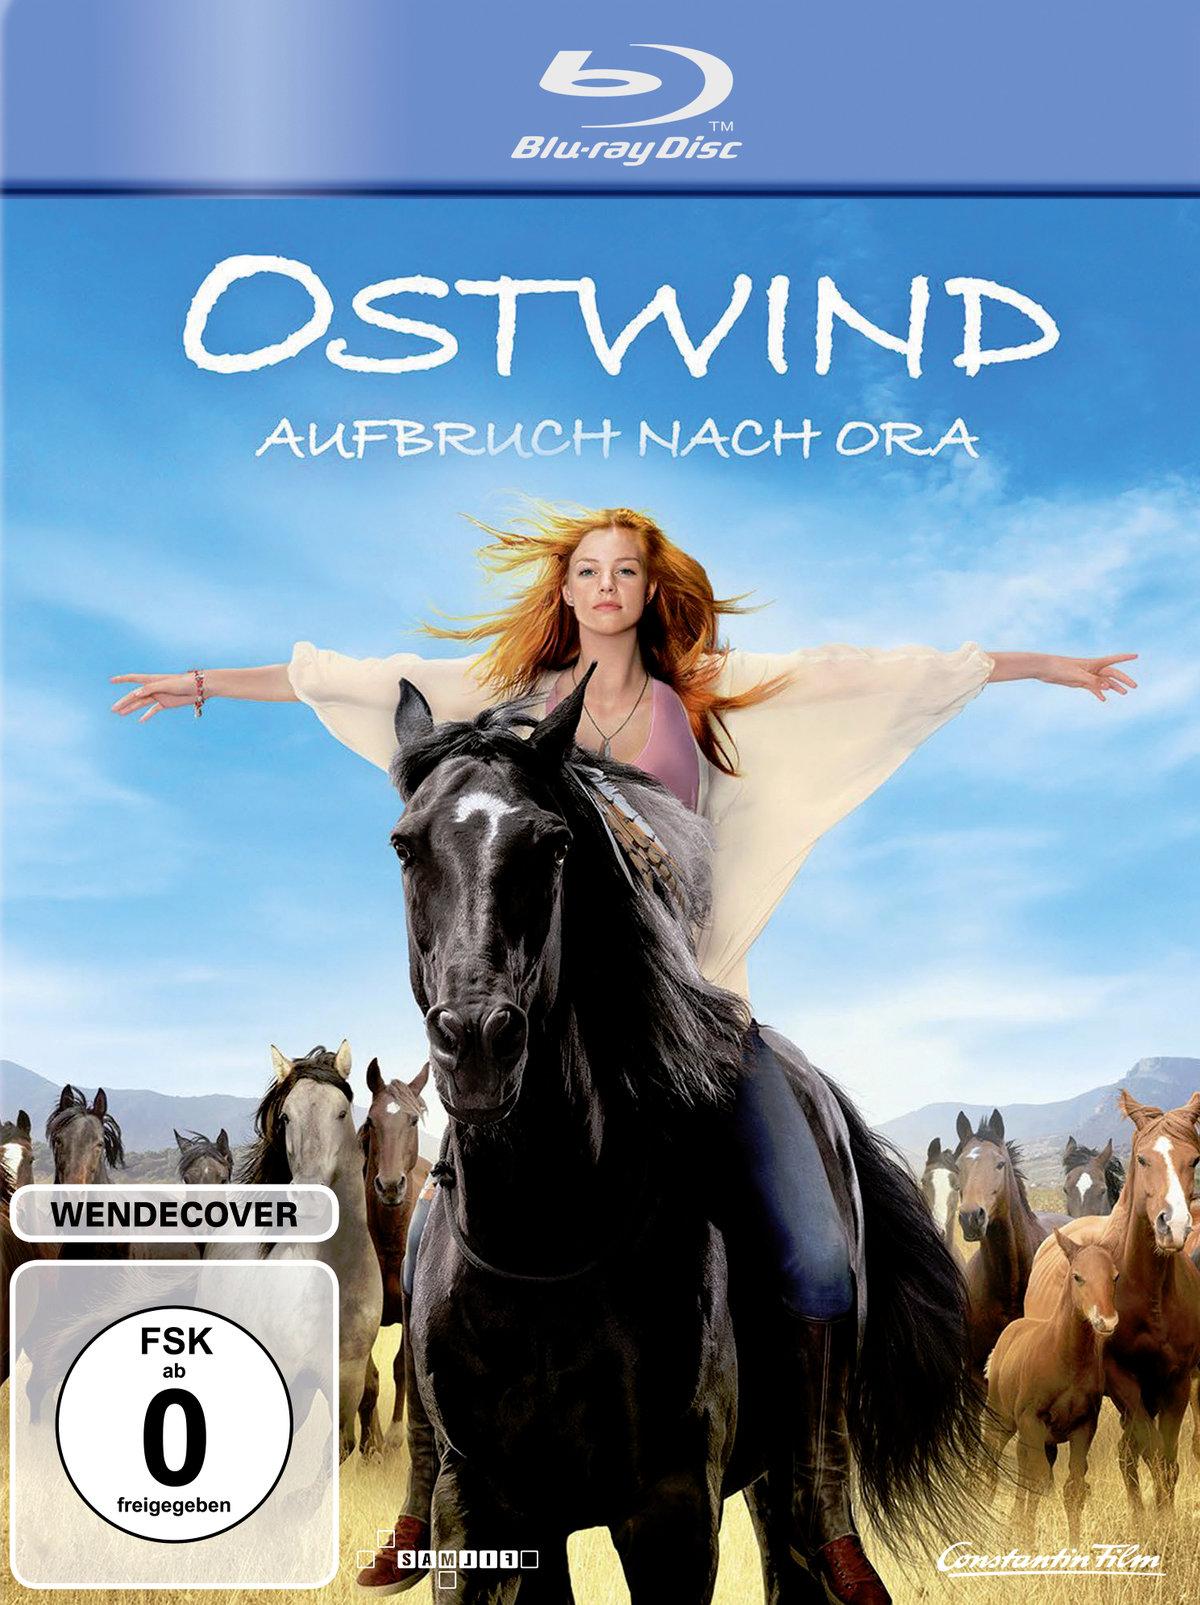 Ostwind 3 (2017) - Aufbruch nach Ora